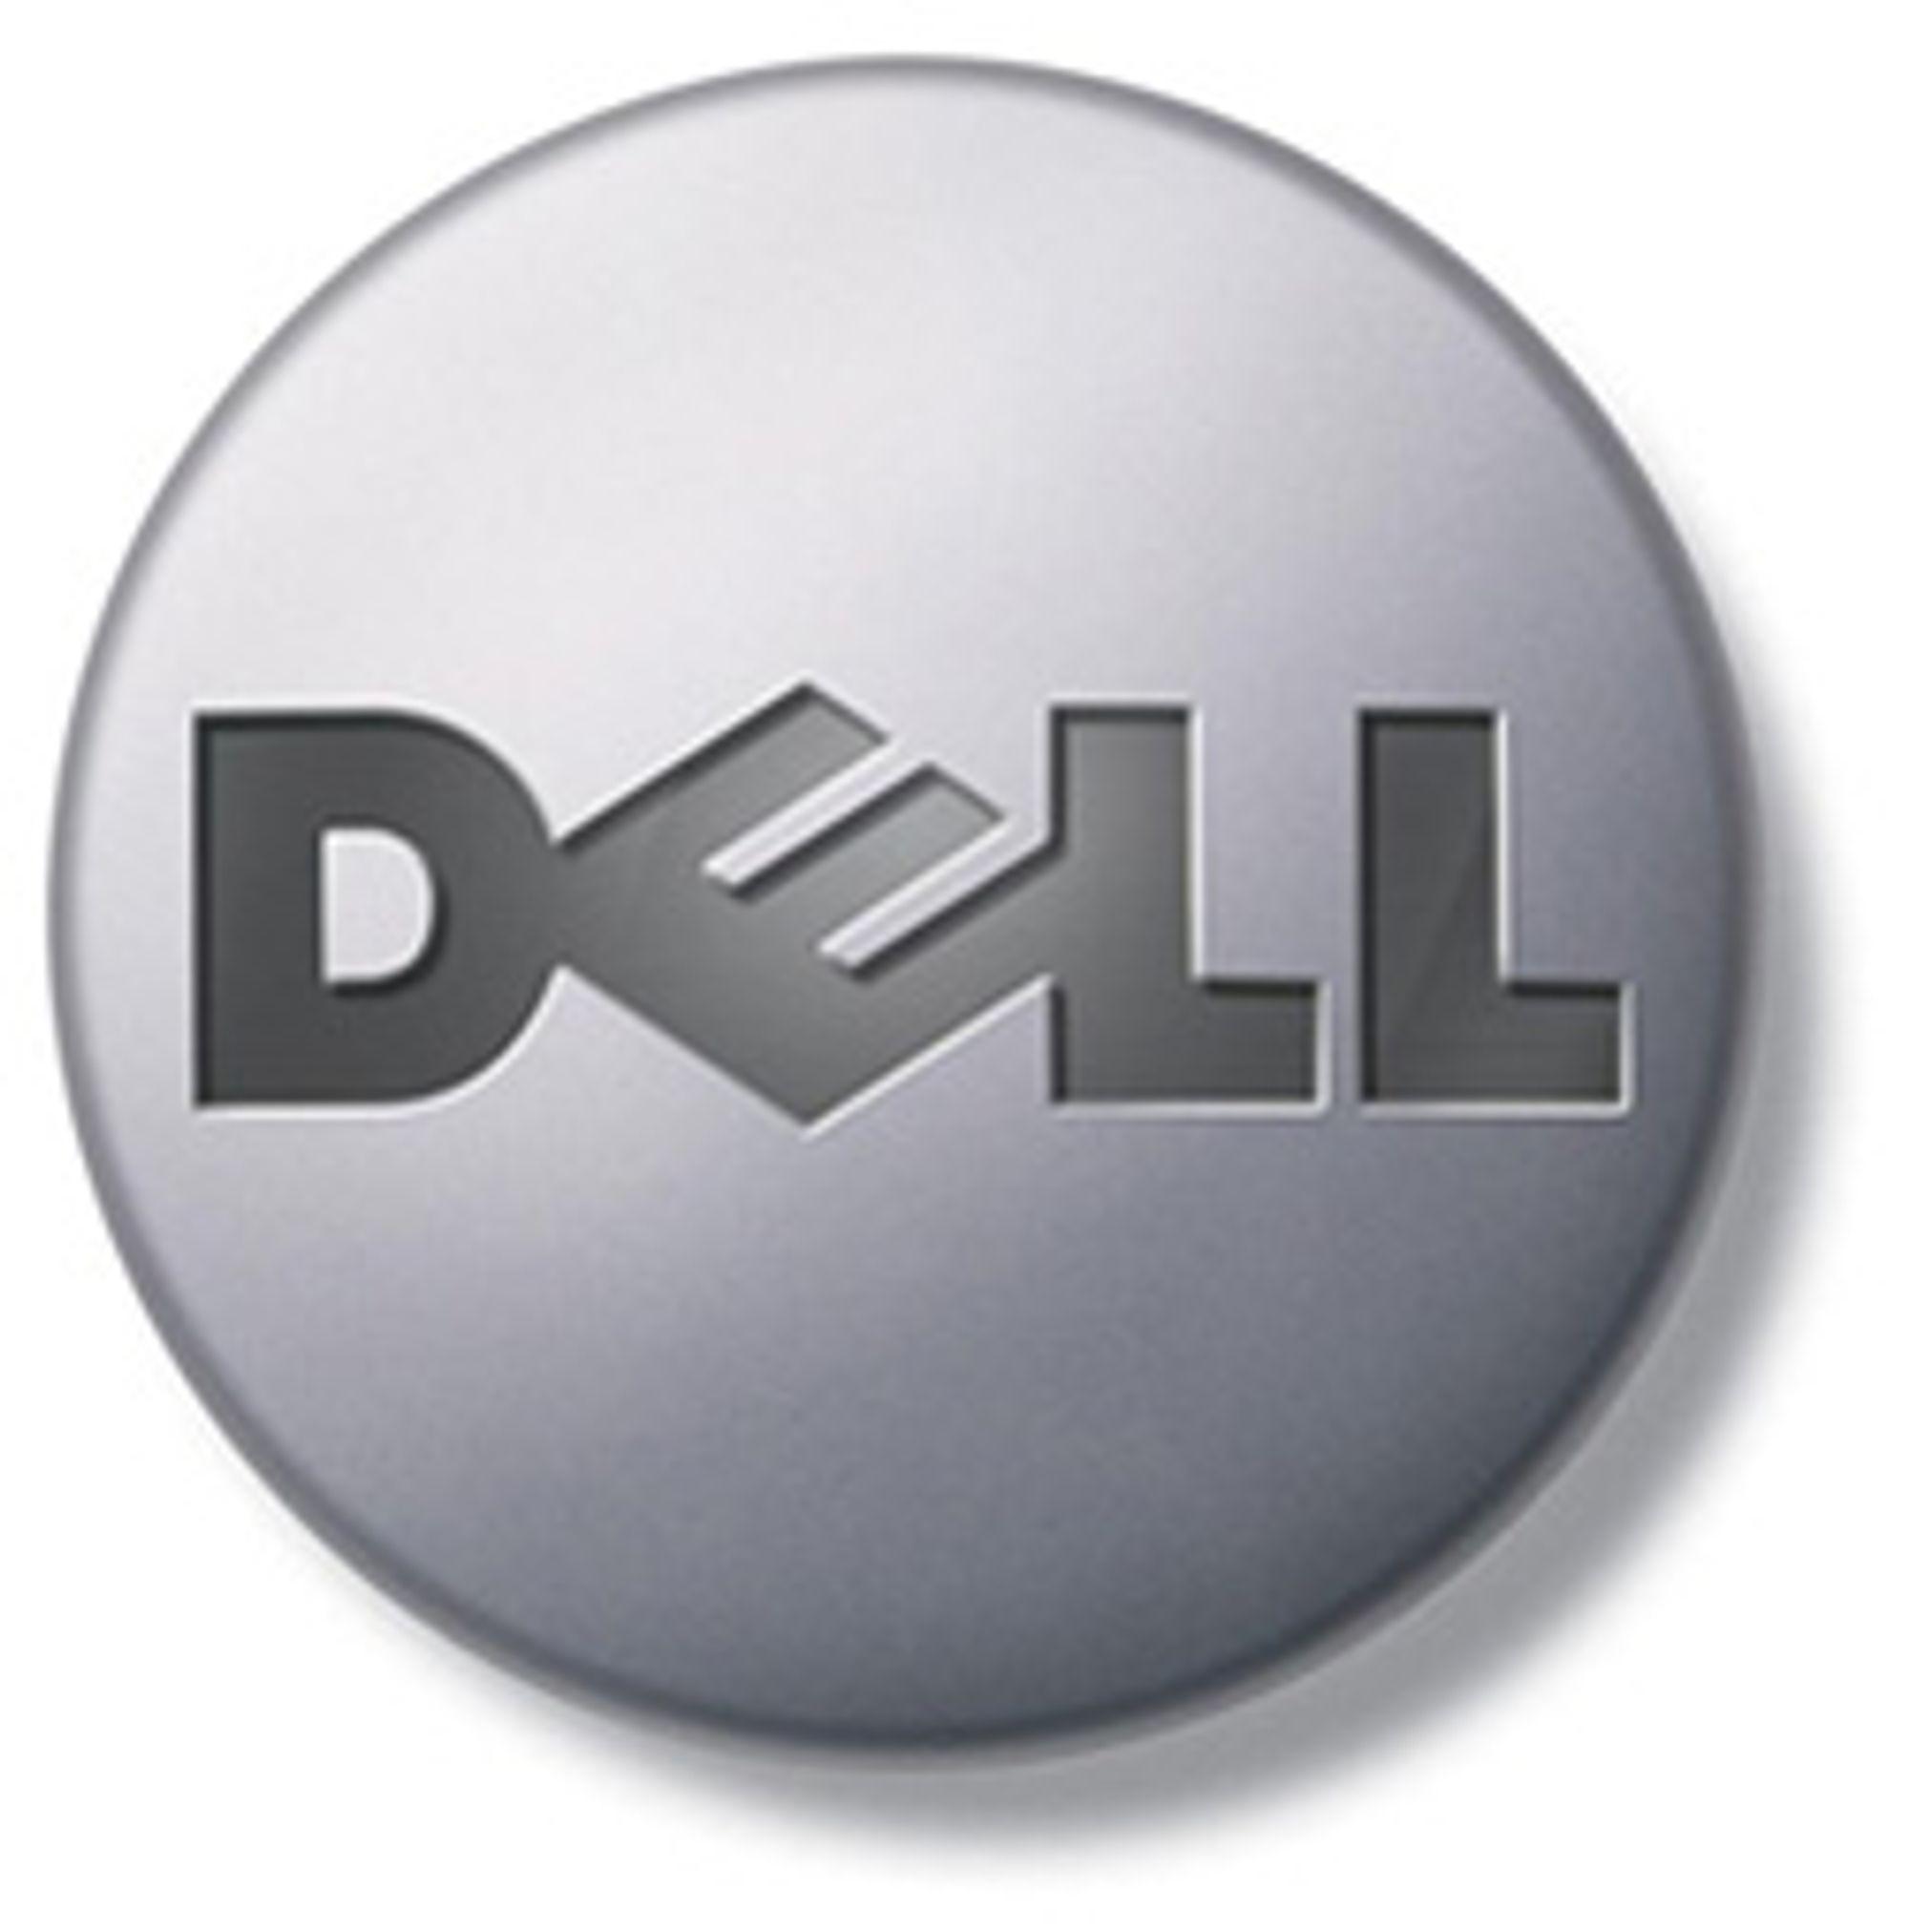 Kanskje får du se denne logoen på mobiltelefoner i fremtiden. (Bilde: PC World)